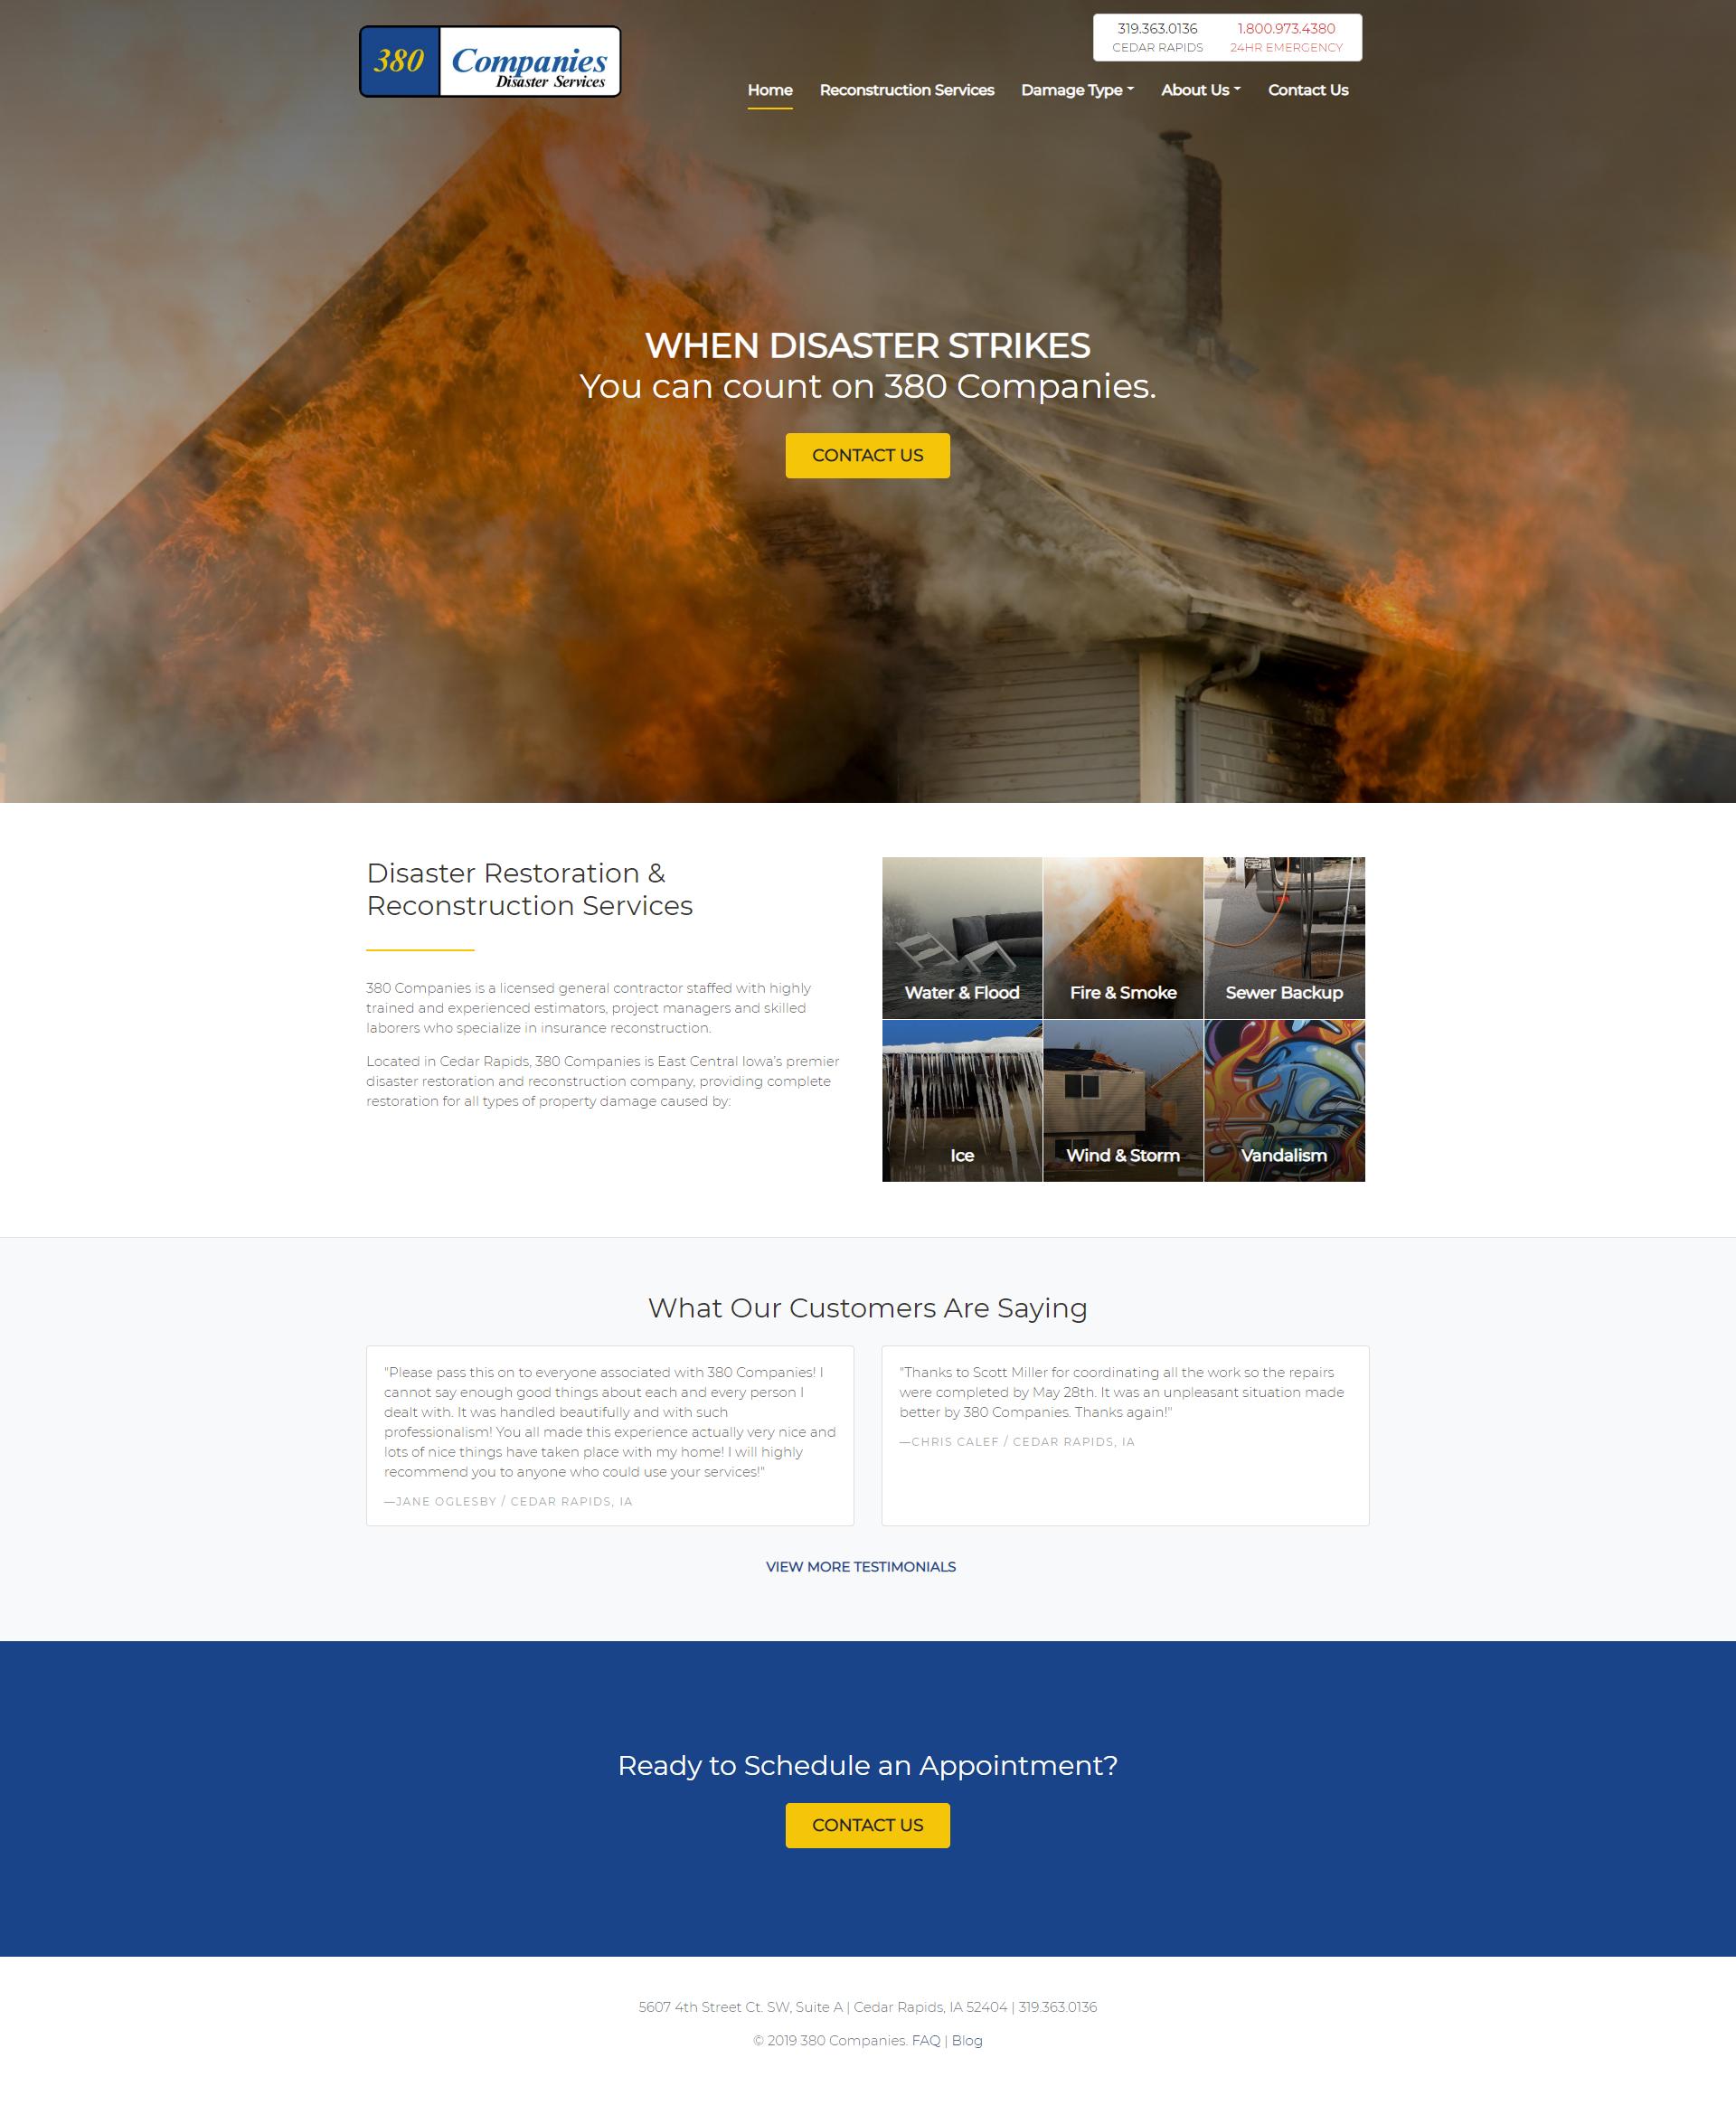 380 Companies homepage